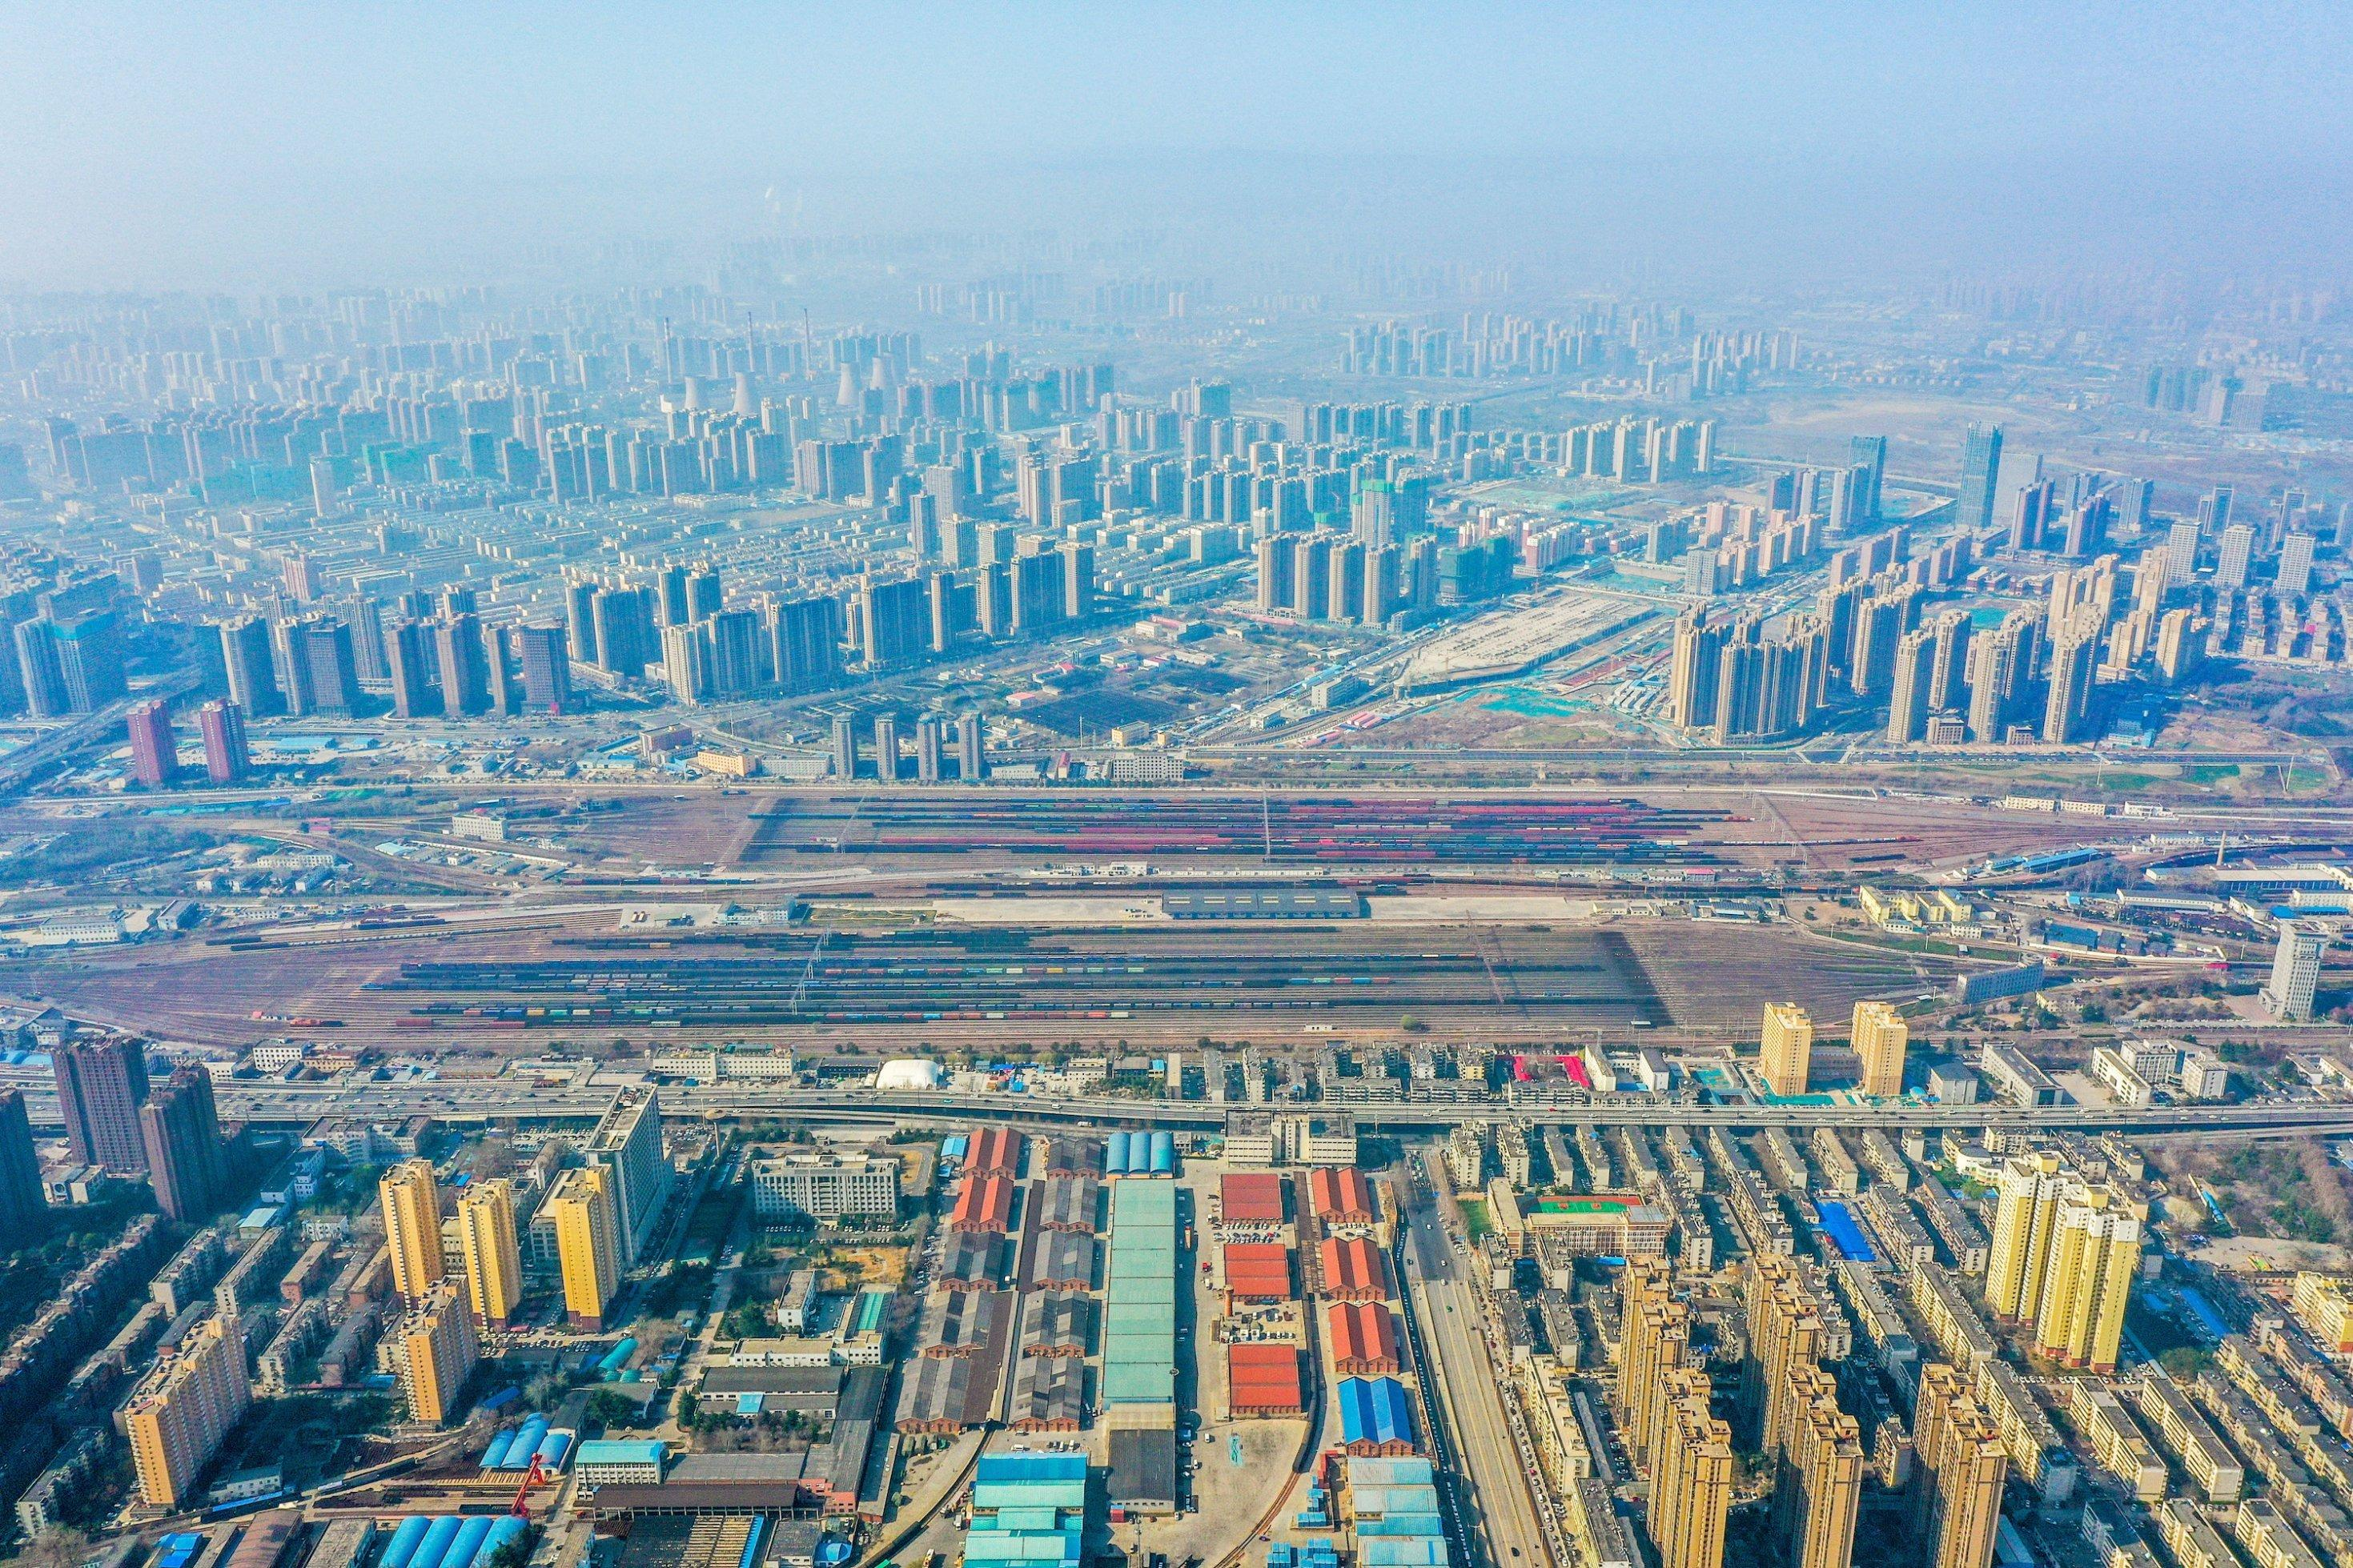 Luftbild von Zhengzhou – ein Meer von Wolkenkratzern